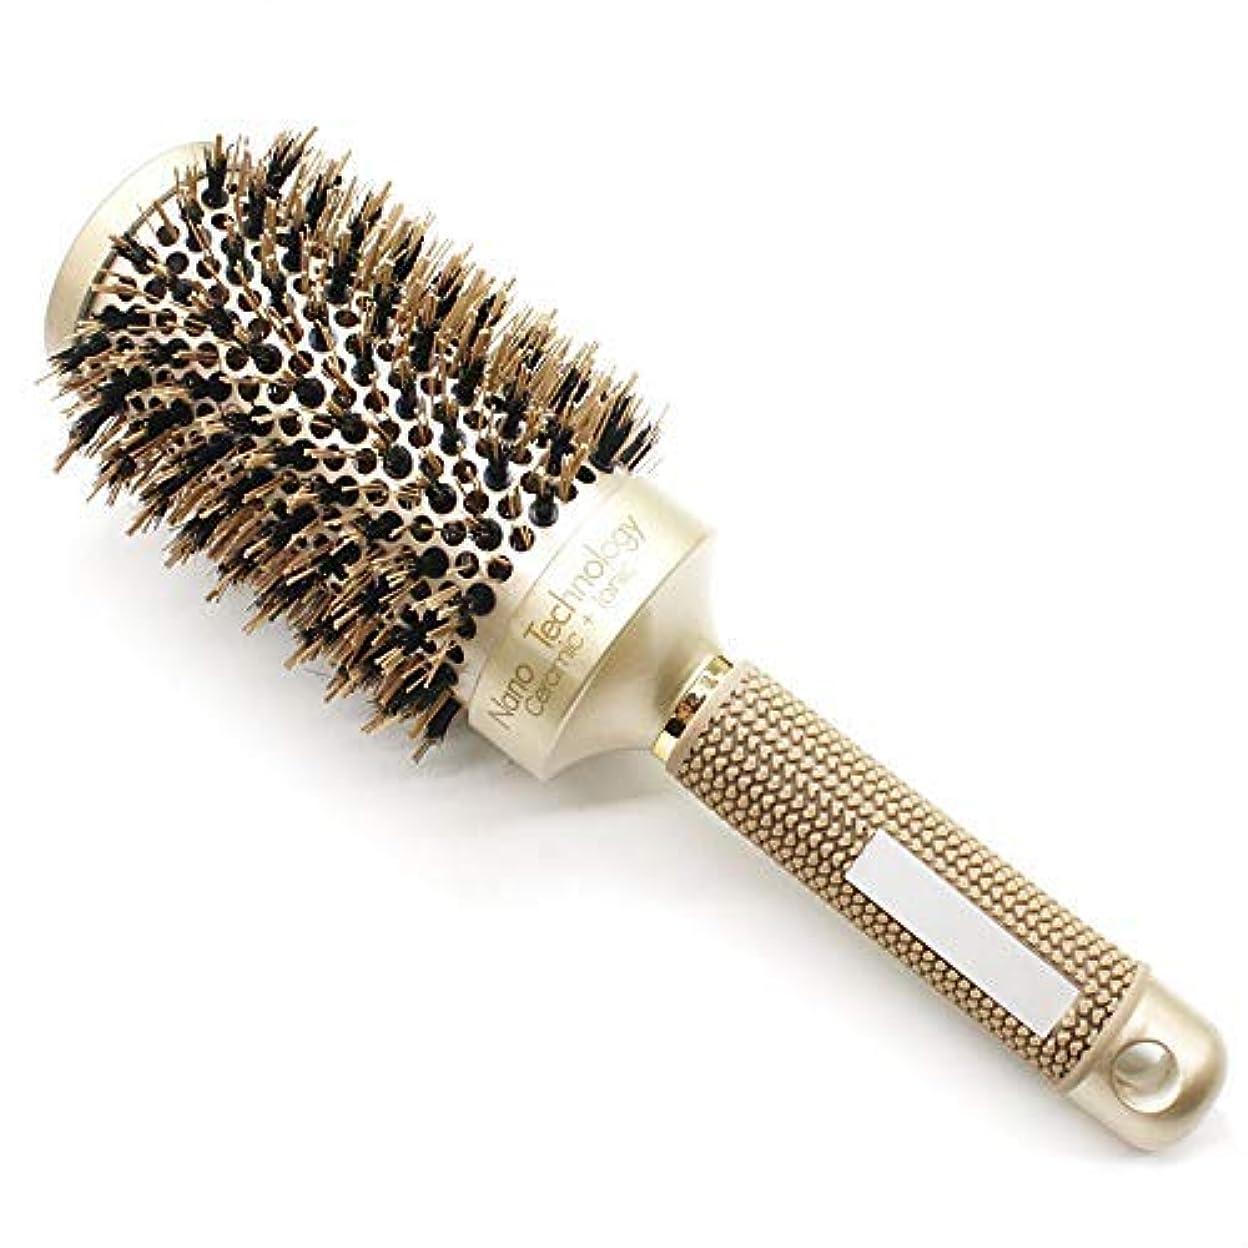 速い脊椎浸透するBeautyMore Nano Thermal Ceramic & Ionic Round Barrel Anti-Static Hair Brush with Boar Bristle, for Hair Drying...